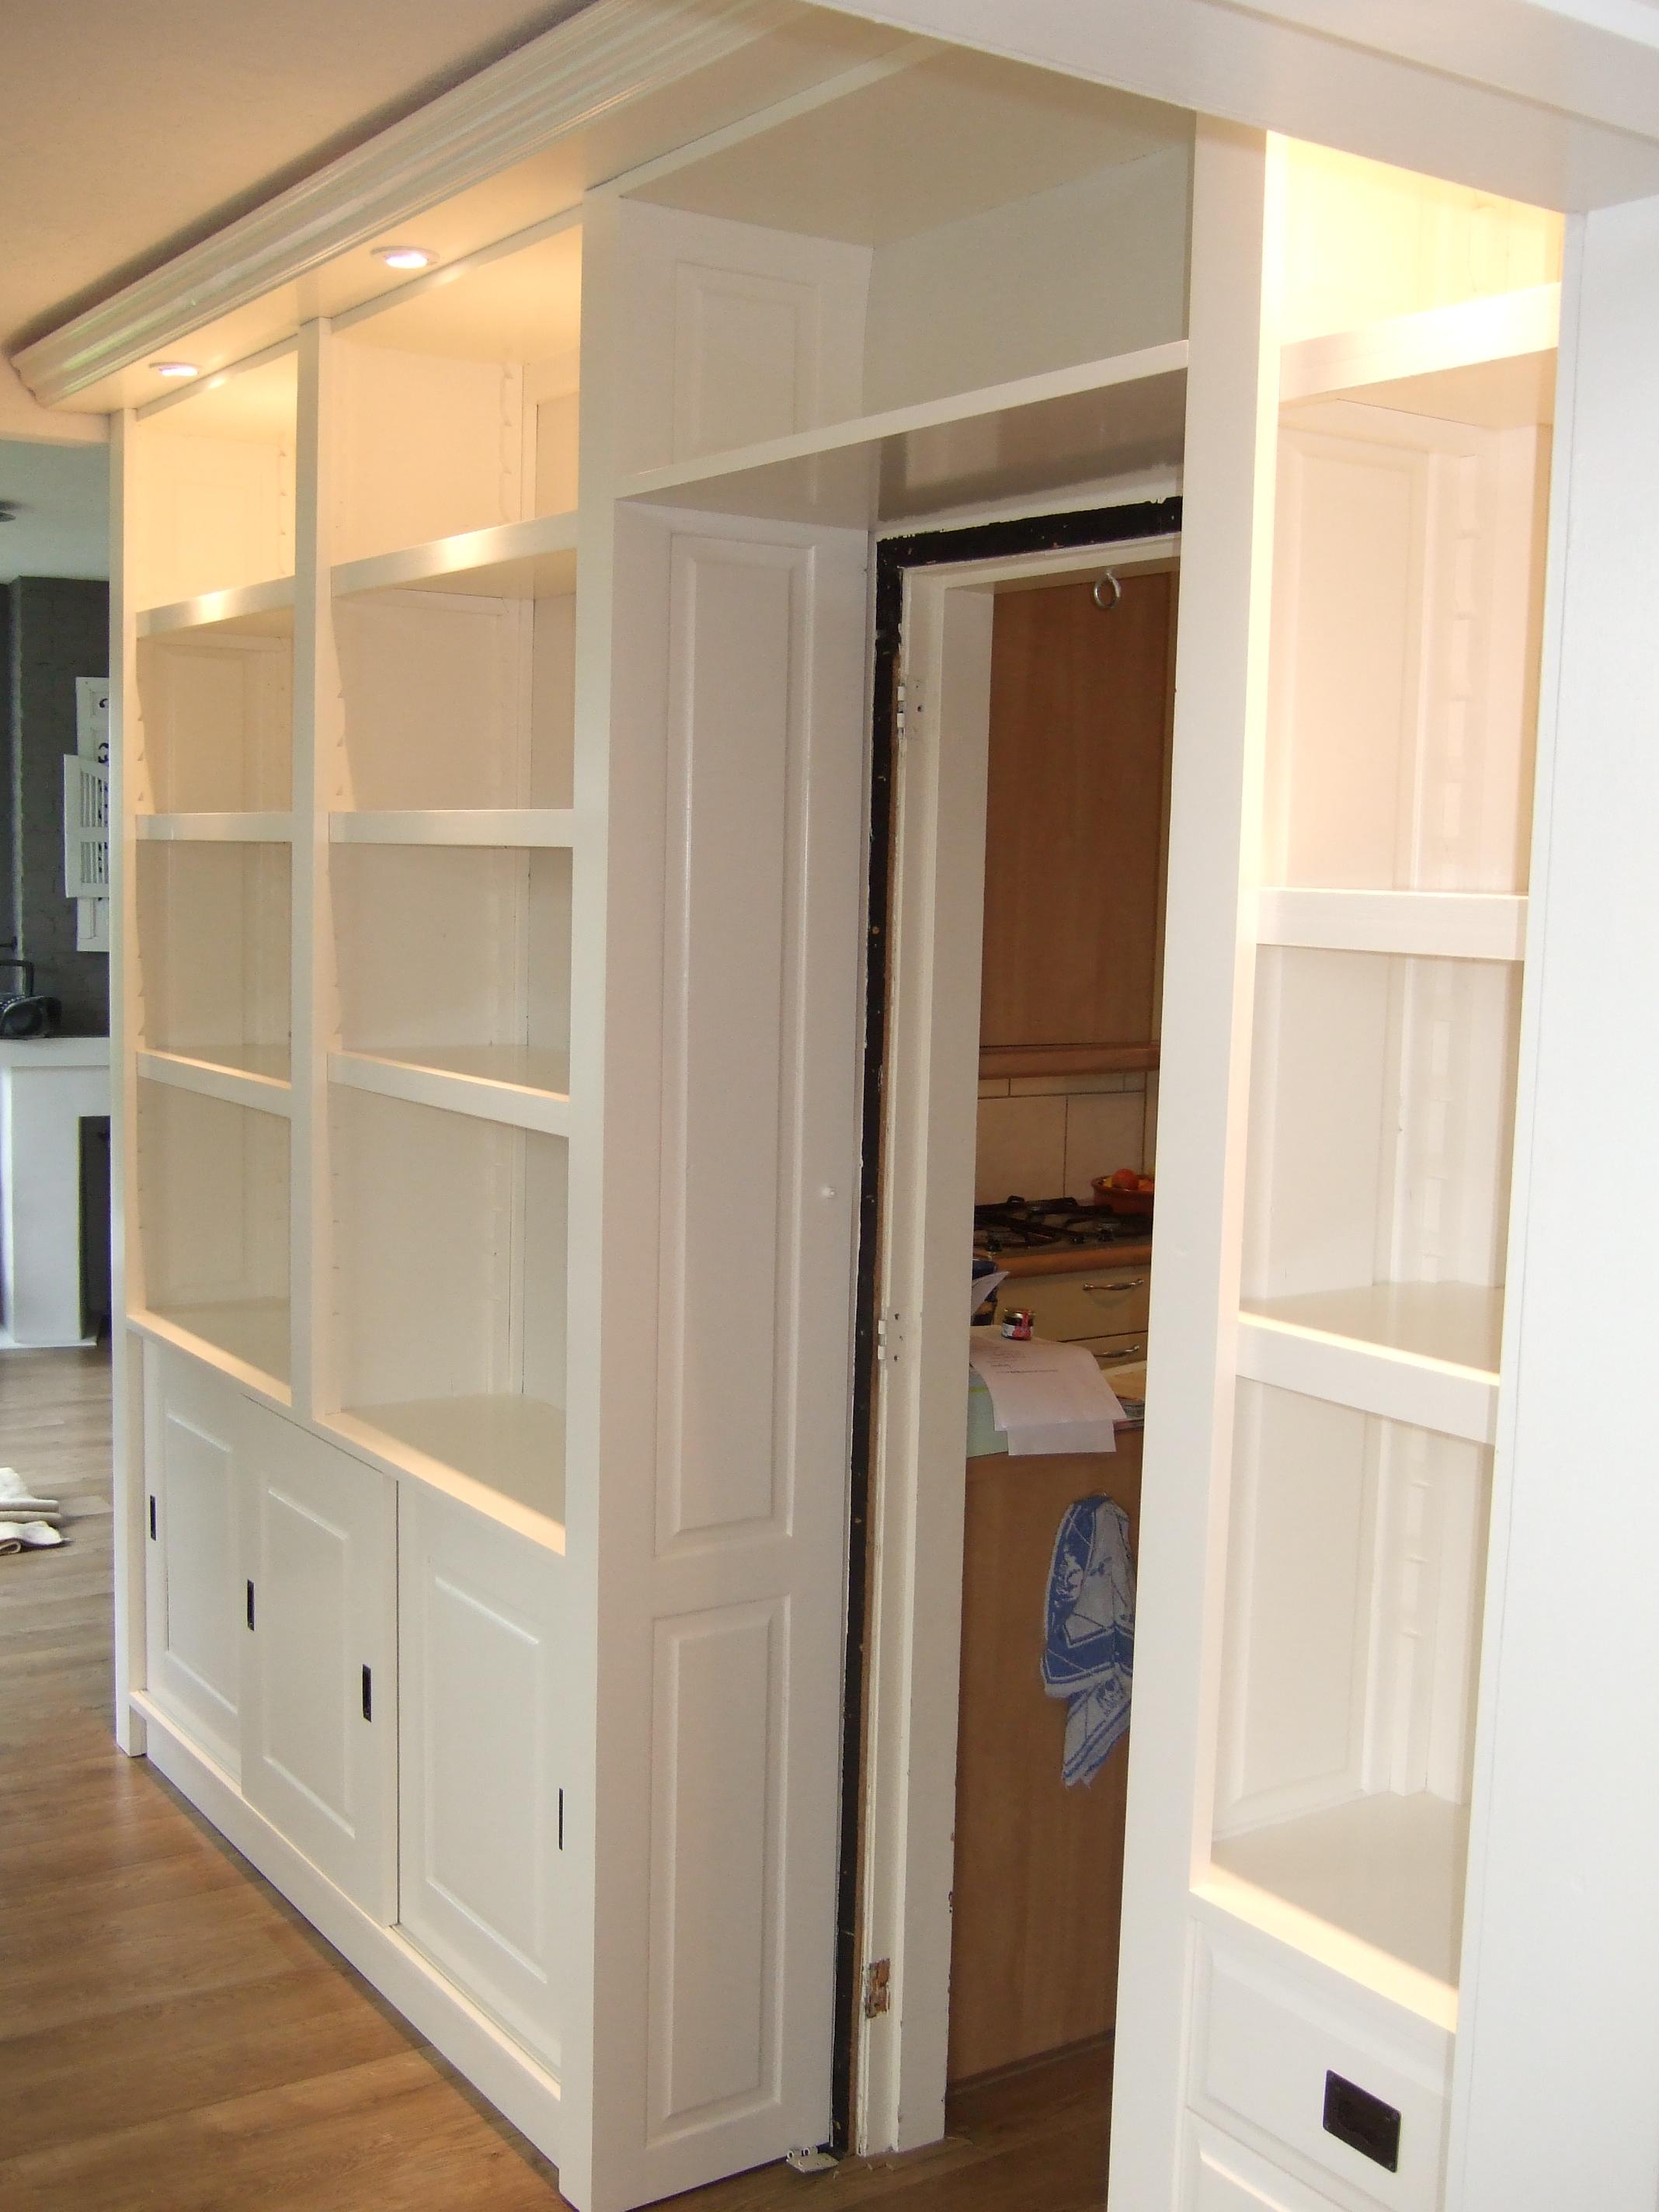 boekenkast met onder een dichte kast boven is een open boekenkast de kast is om een deur gebouwd